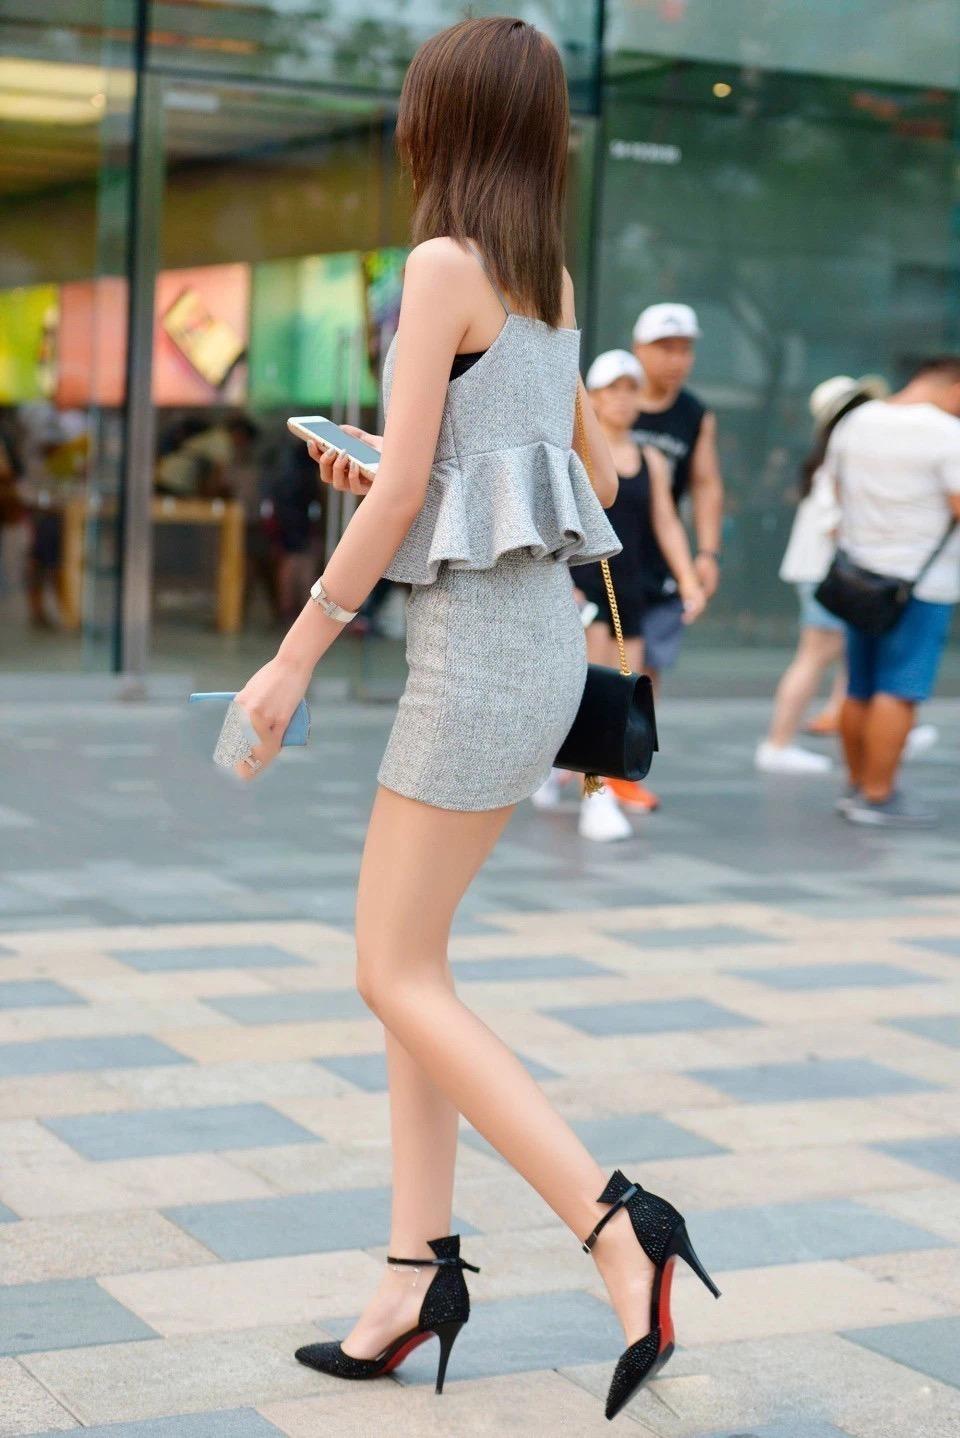 時尚街拍穿兩個裙子出門的美女,看起來也挺時尚